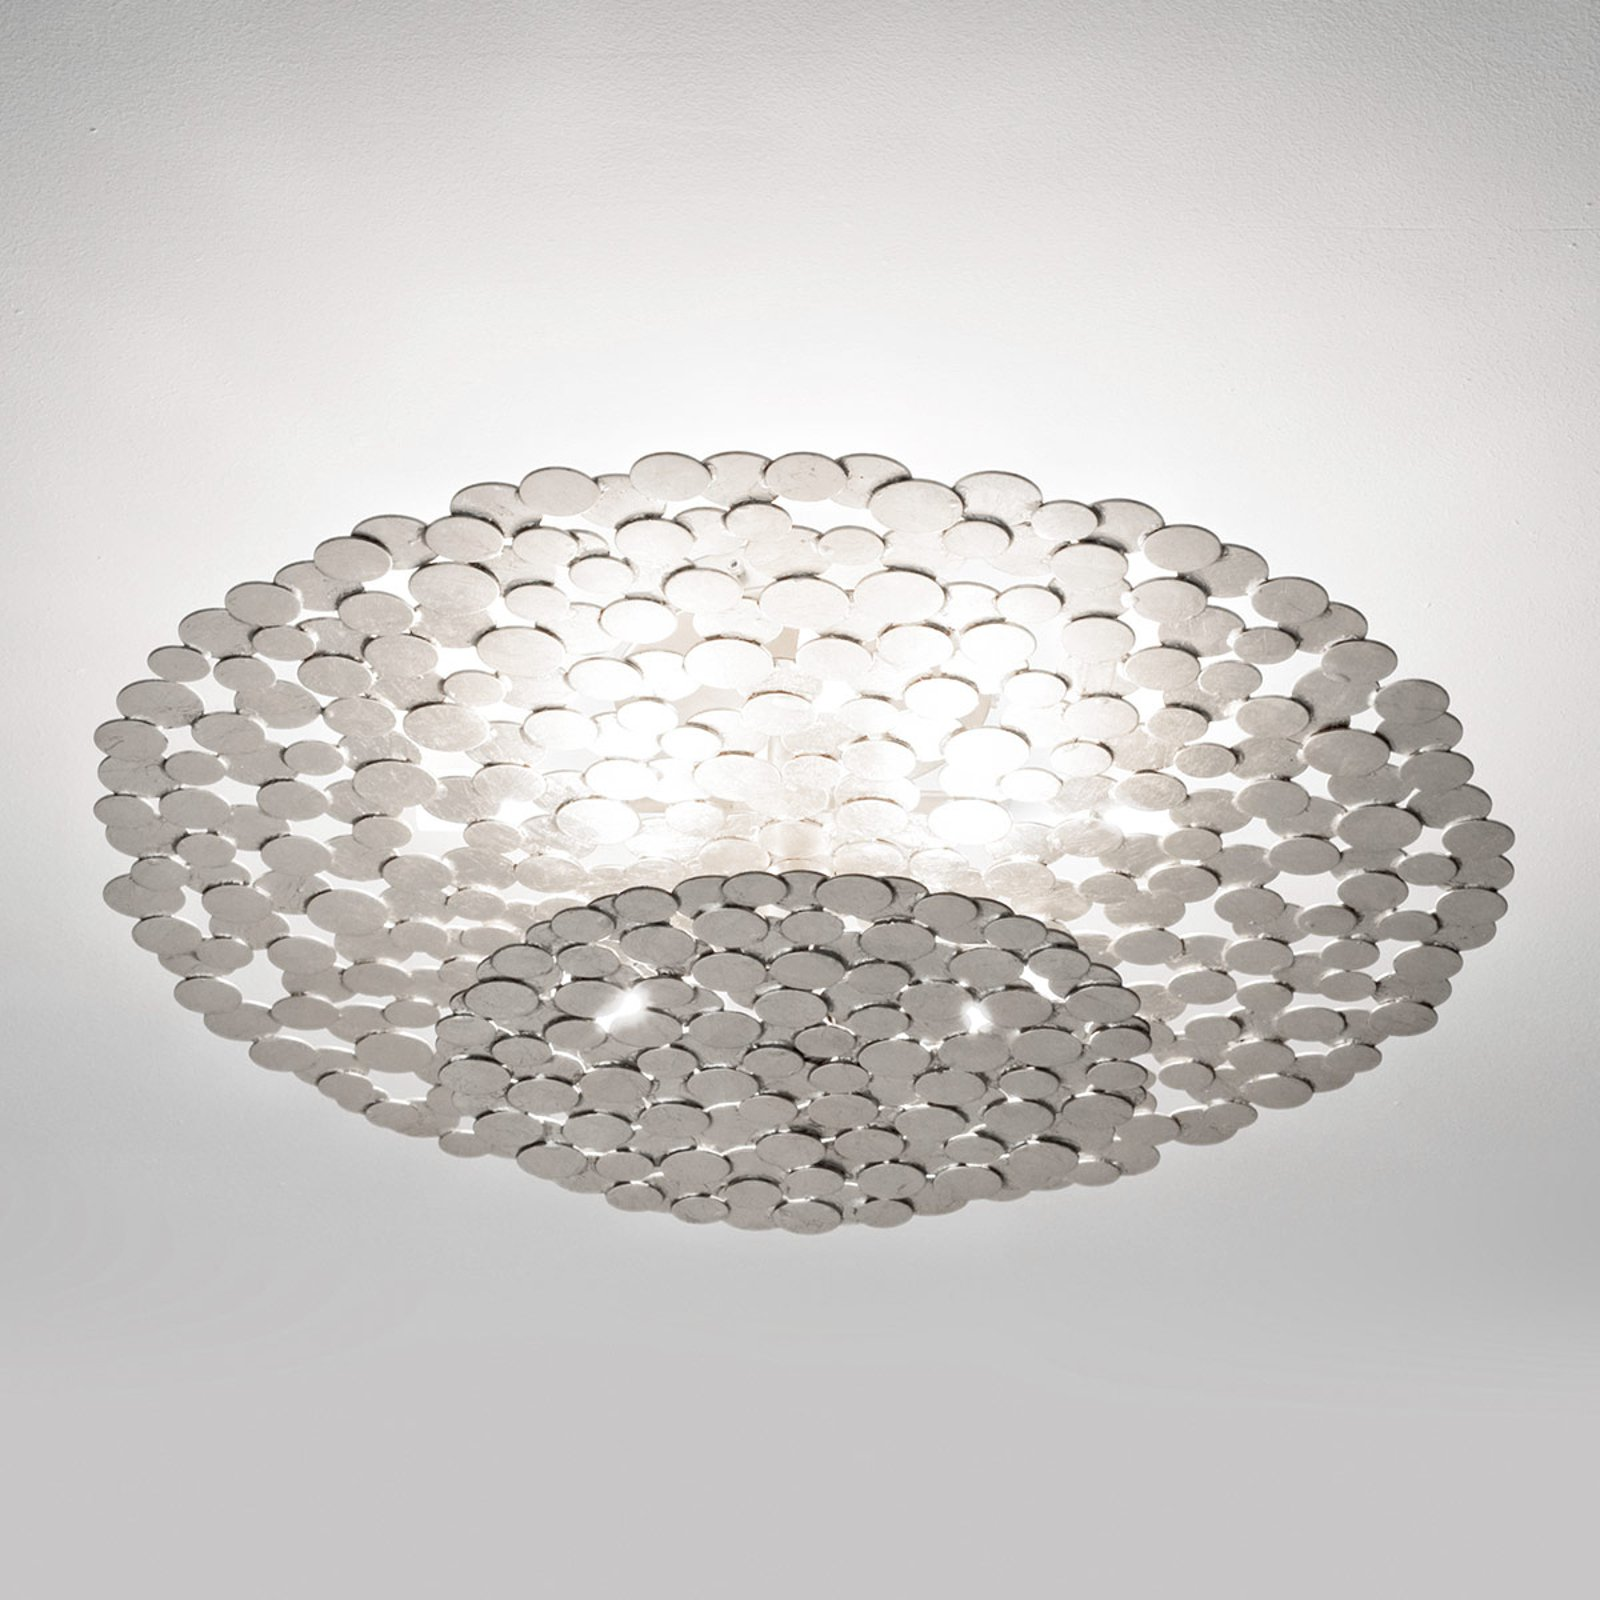 Ekstravagant taklampe Tresor 60 cm, sølv